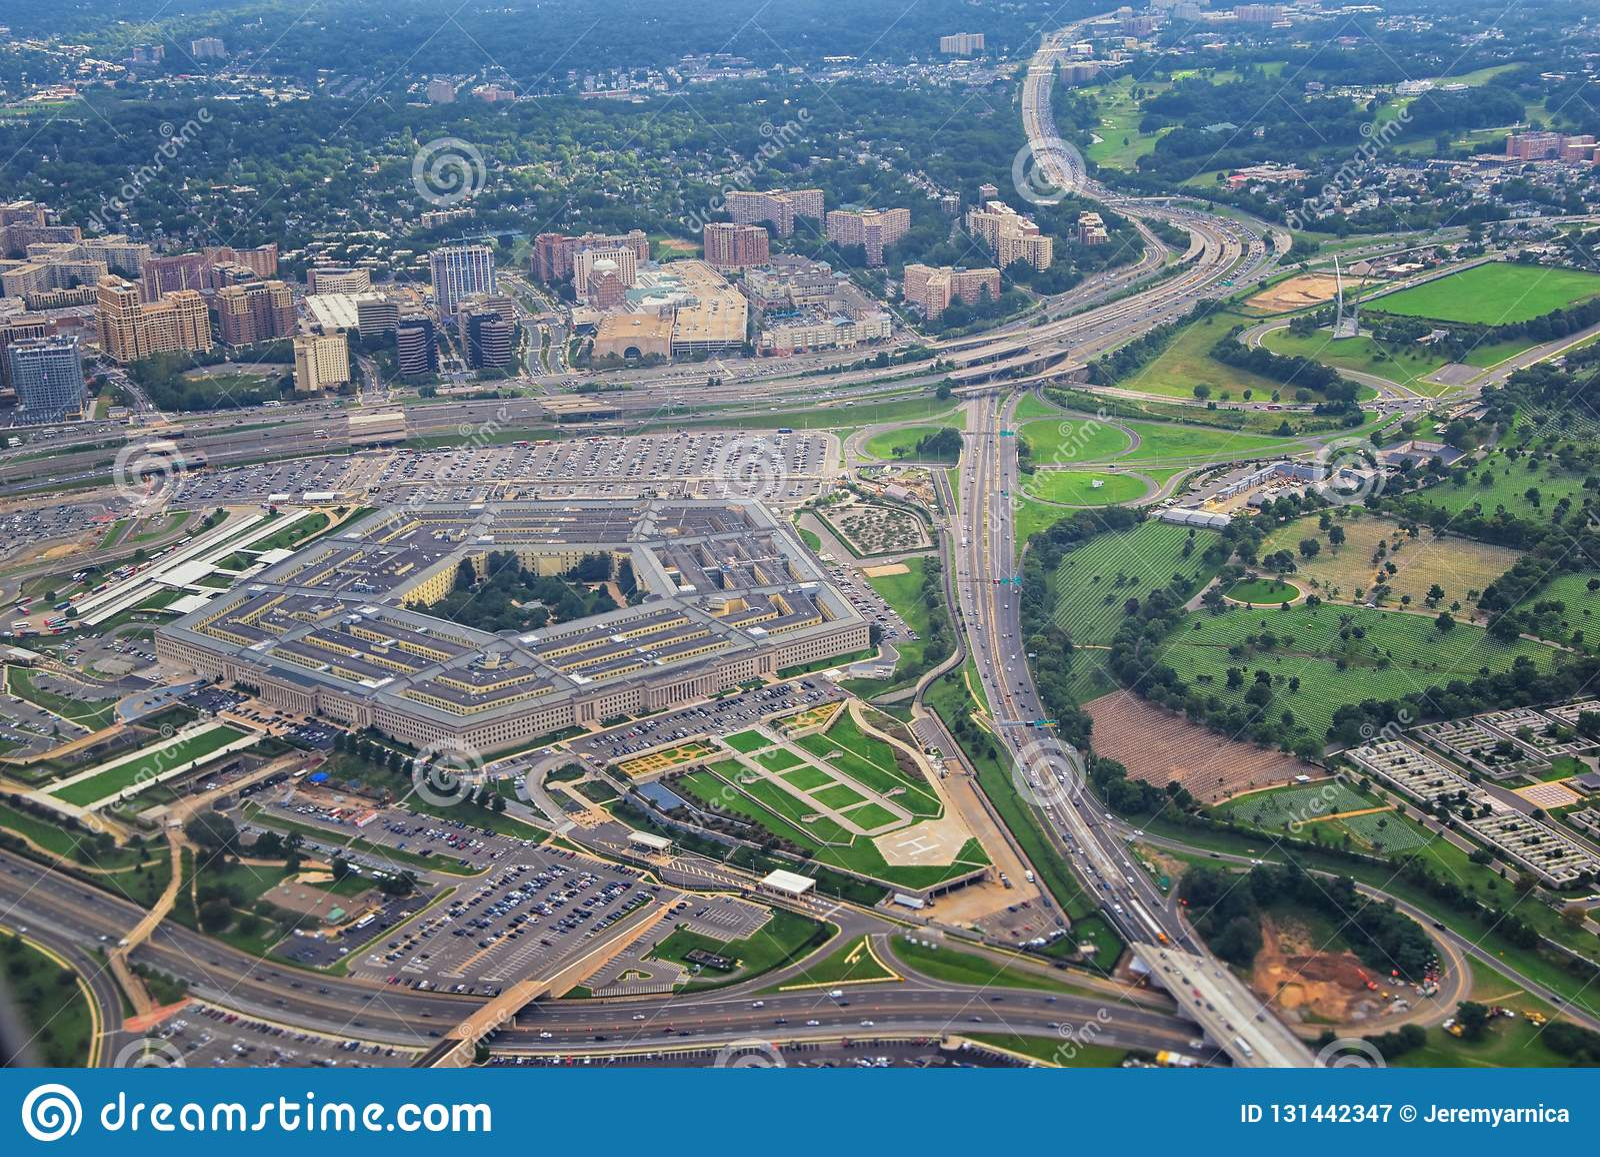 Widok z lotu ptaka Stany Zjednoczone Pentagon departament obrony lokuje w Arlington, Virginia, blisko washington dc, z